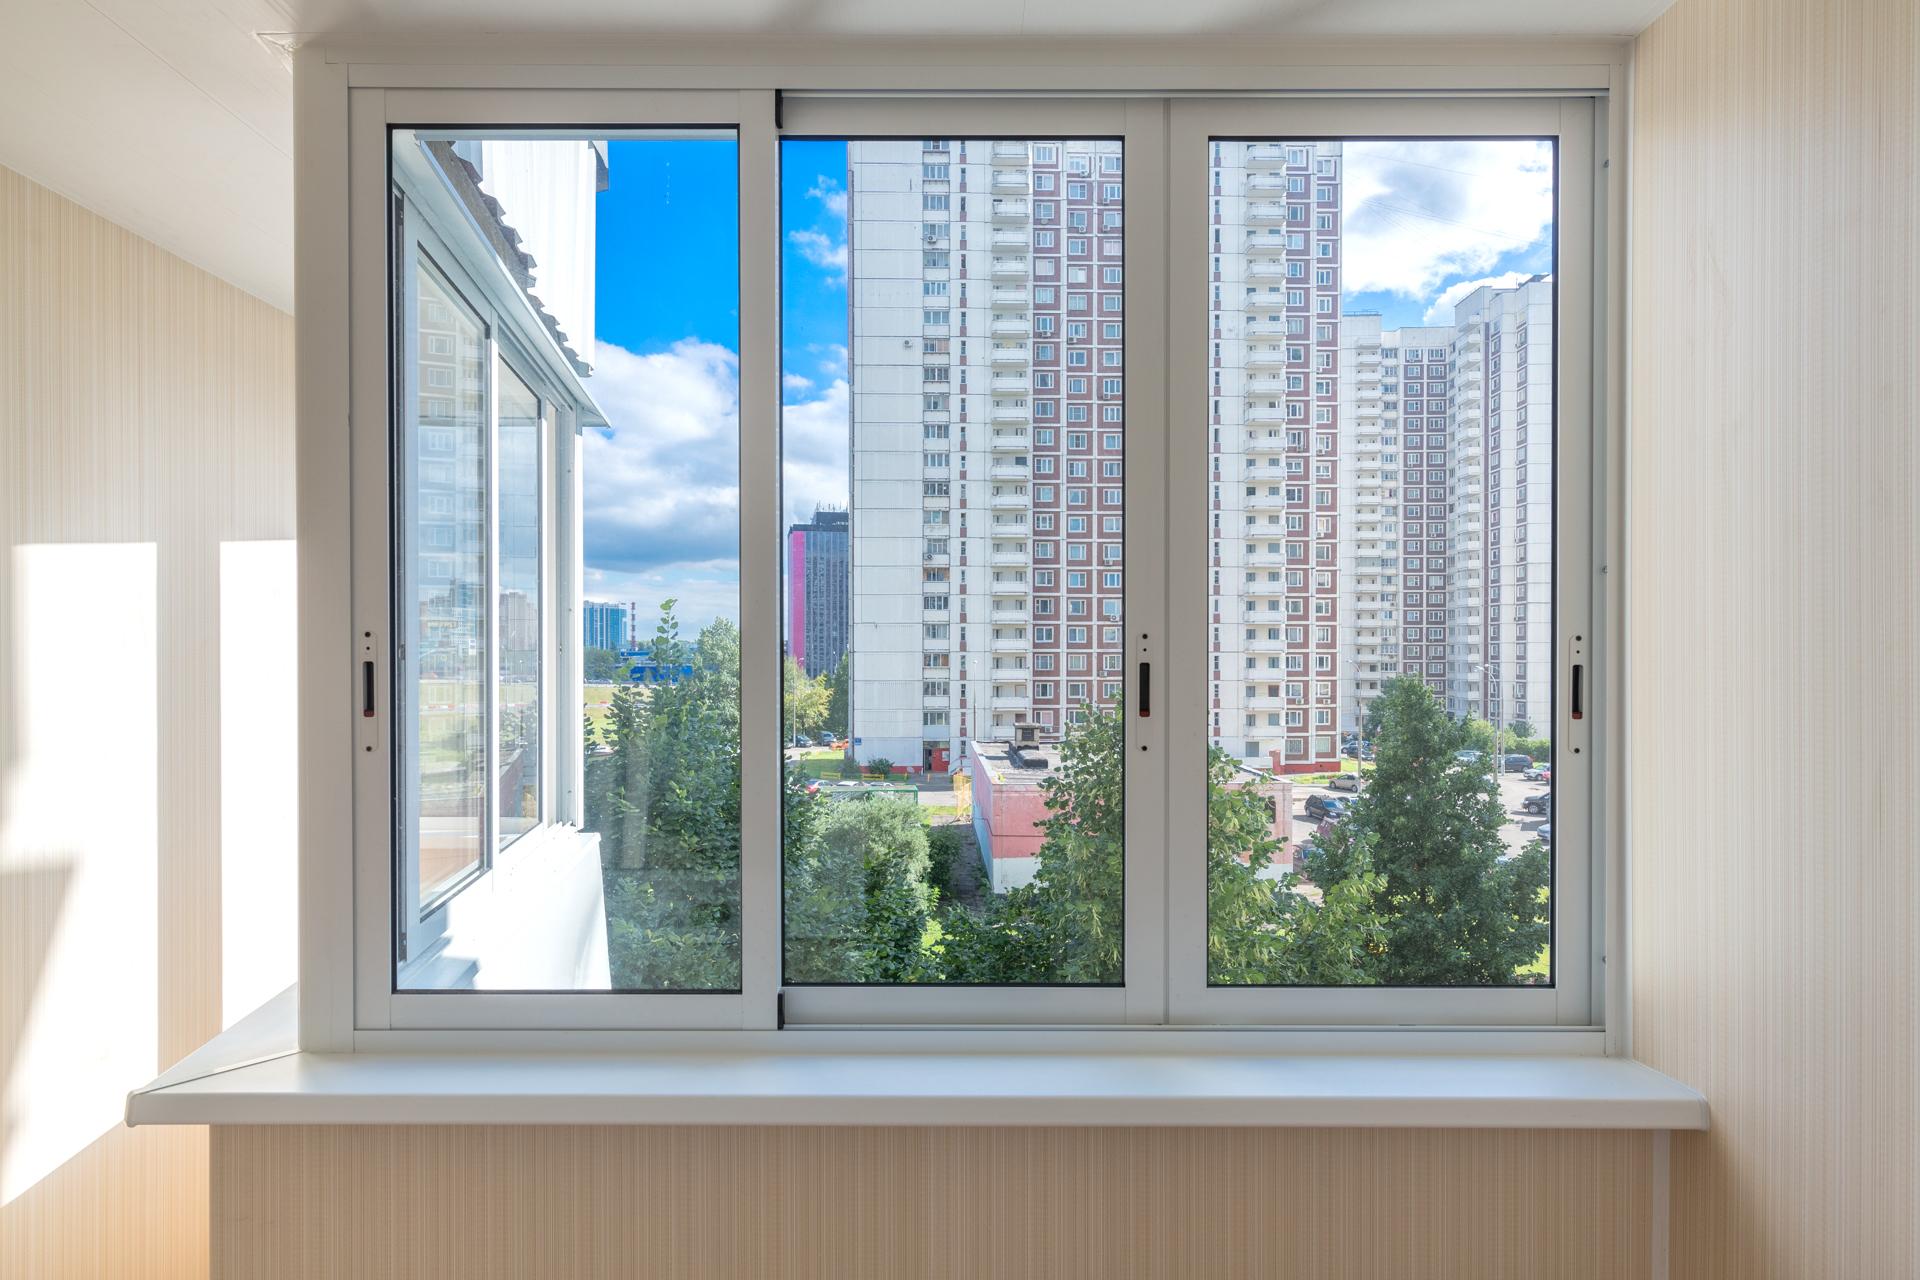 Зеленый бор * просмотр темы - окна. остекление балконов и ло.